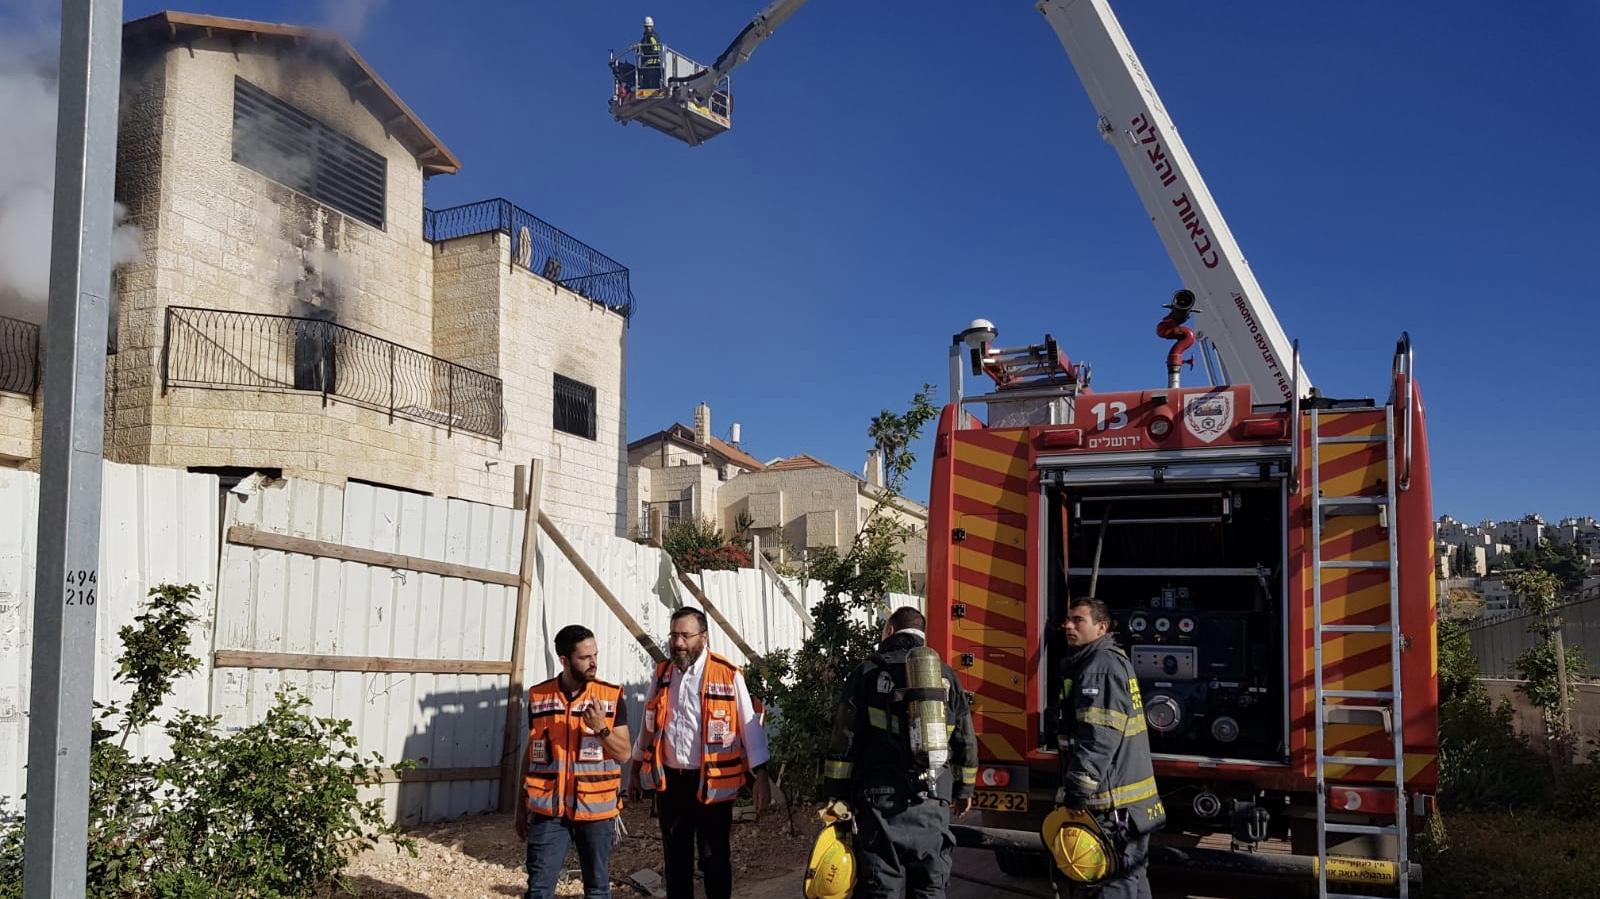 בת 40 נפצעה באורח בינוני בשריפה שפרצה בבניין בירושלים